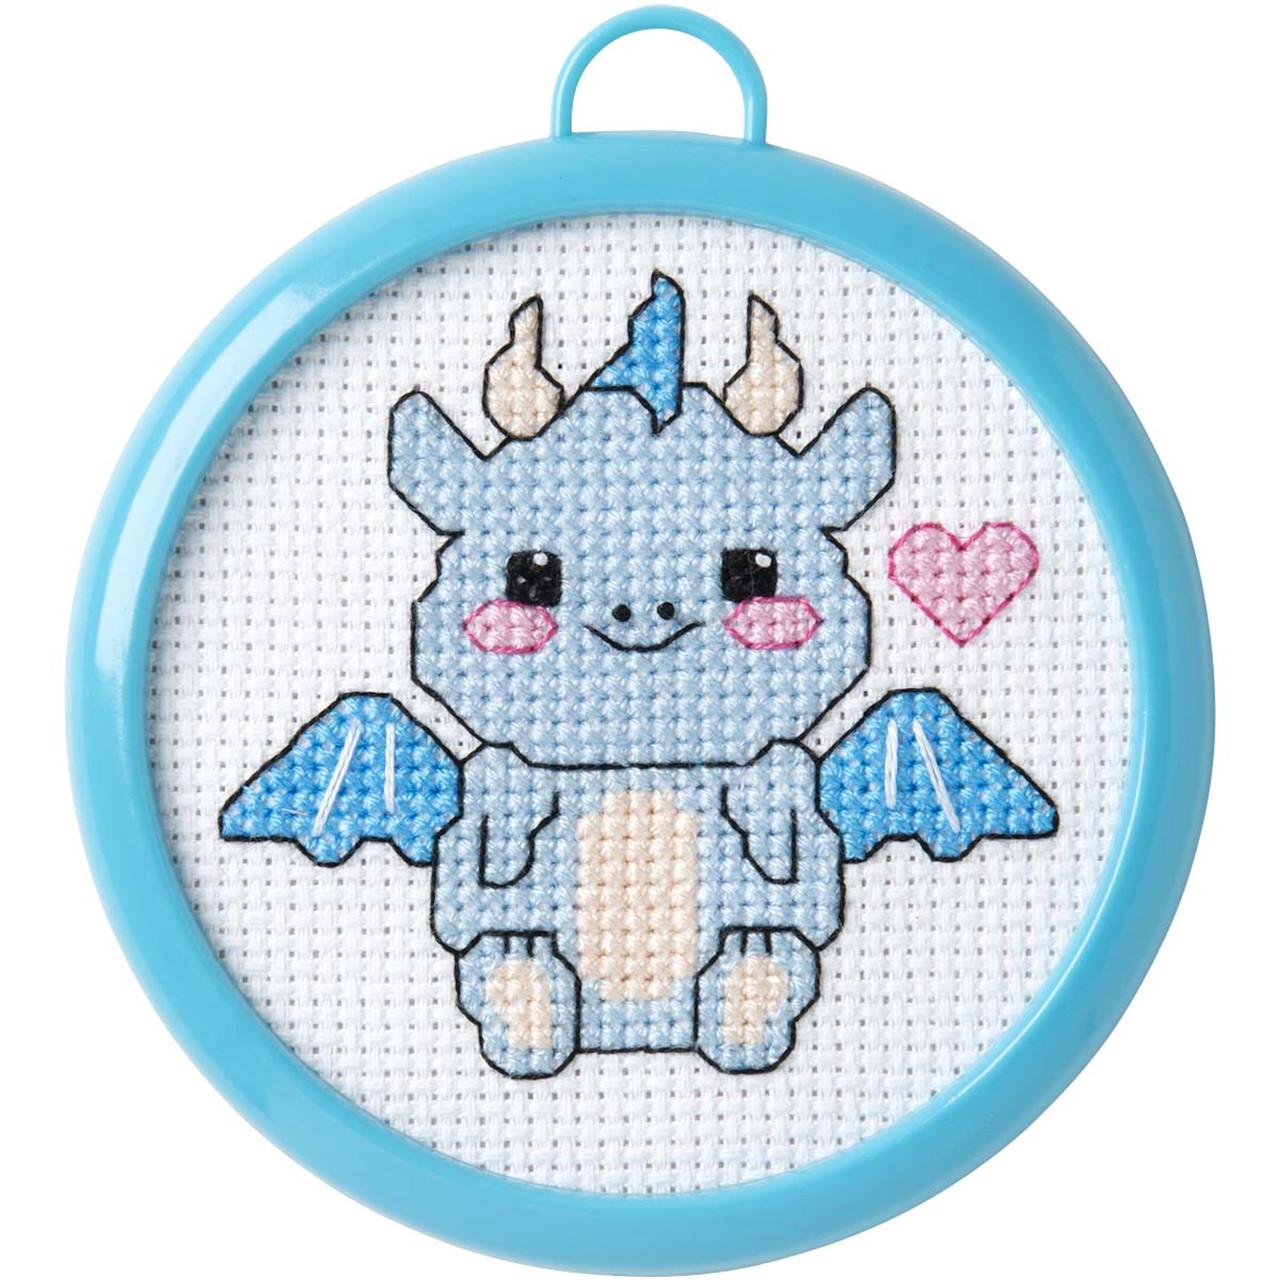 My 1st Stitch - Dragon